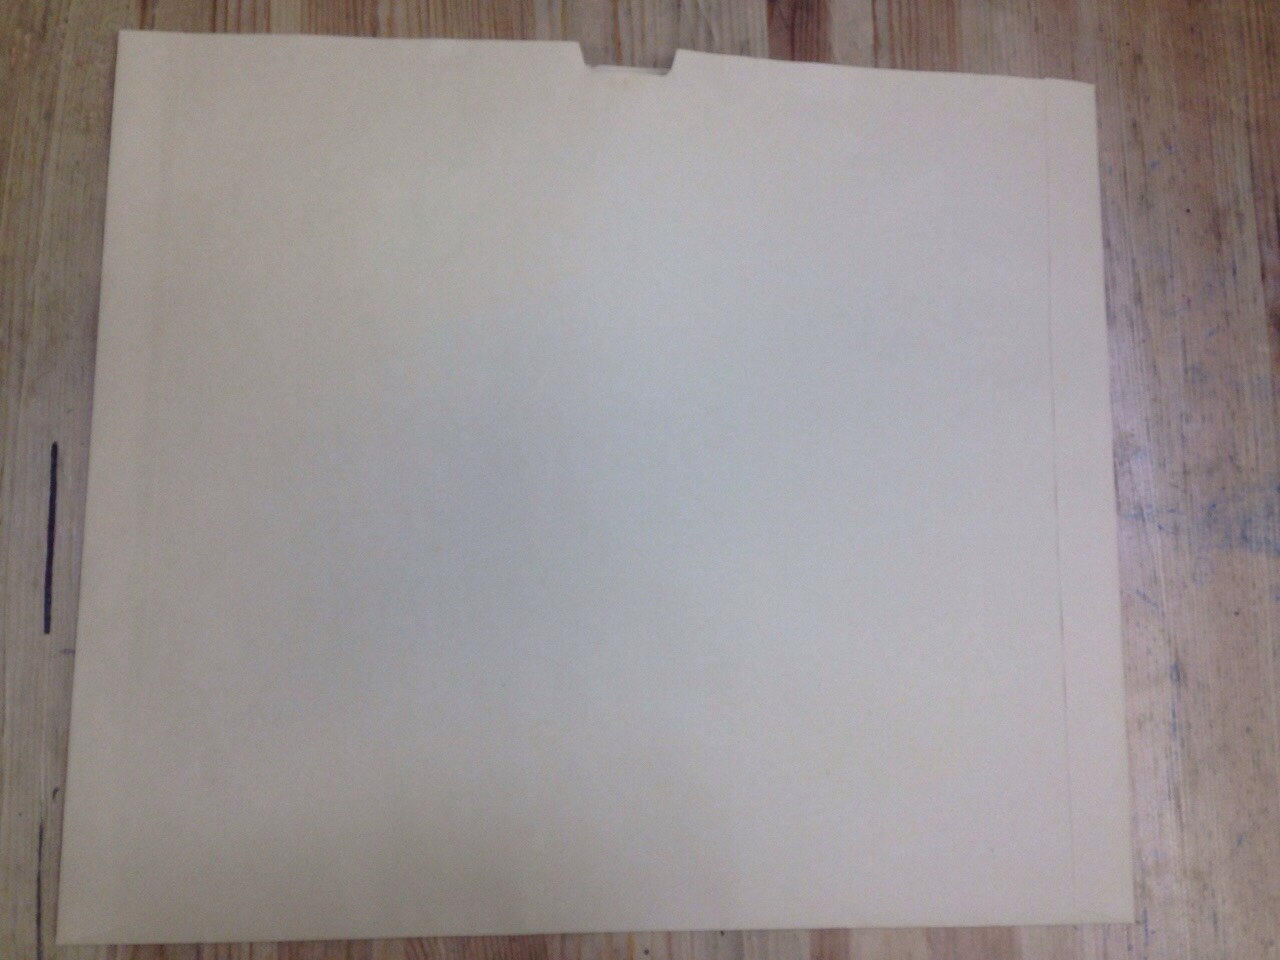 ハート クラフト封筒 レントゲン袋 カマス貼  半切判 クラフト 100g/m2  400枚 jt0127